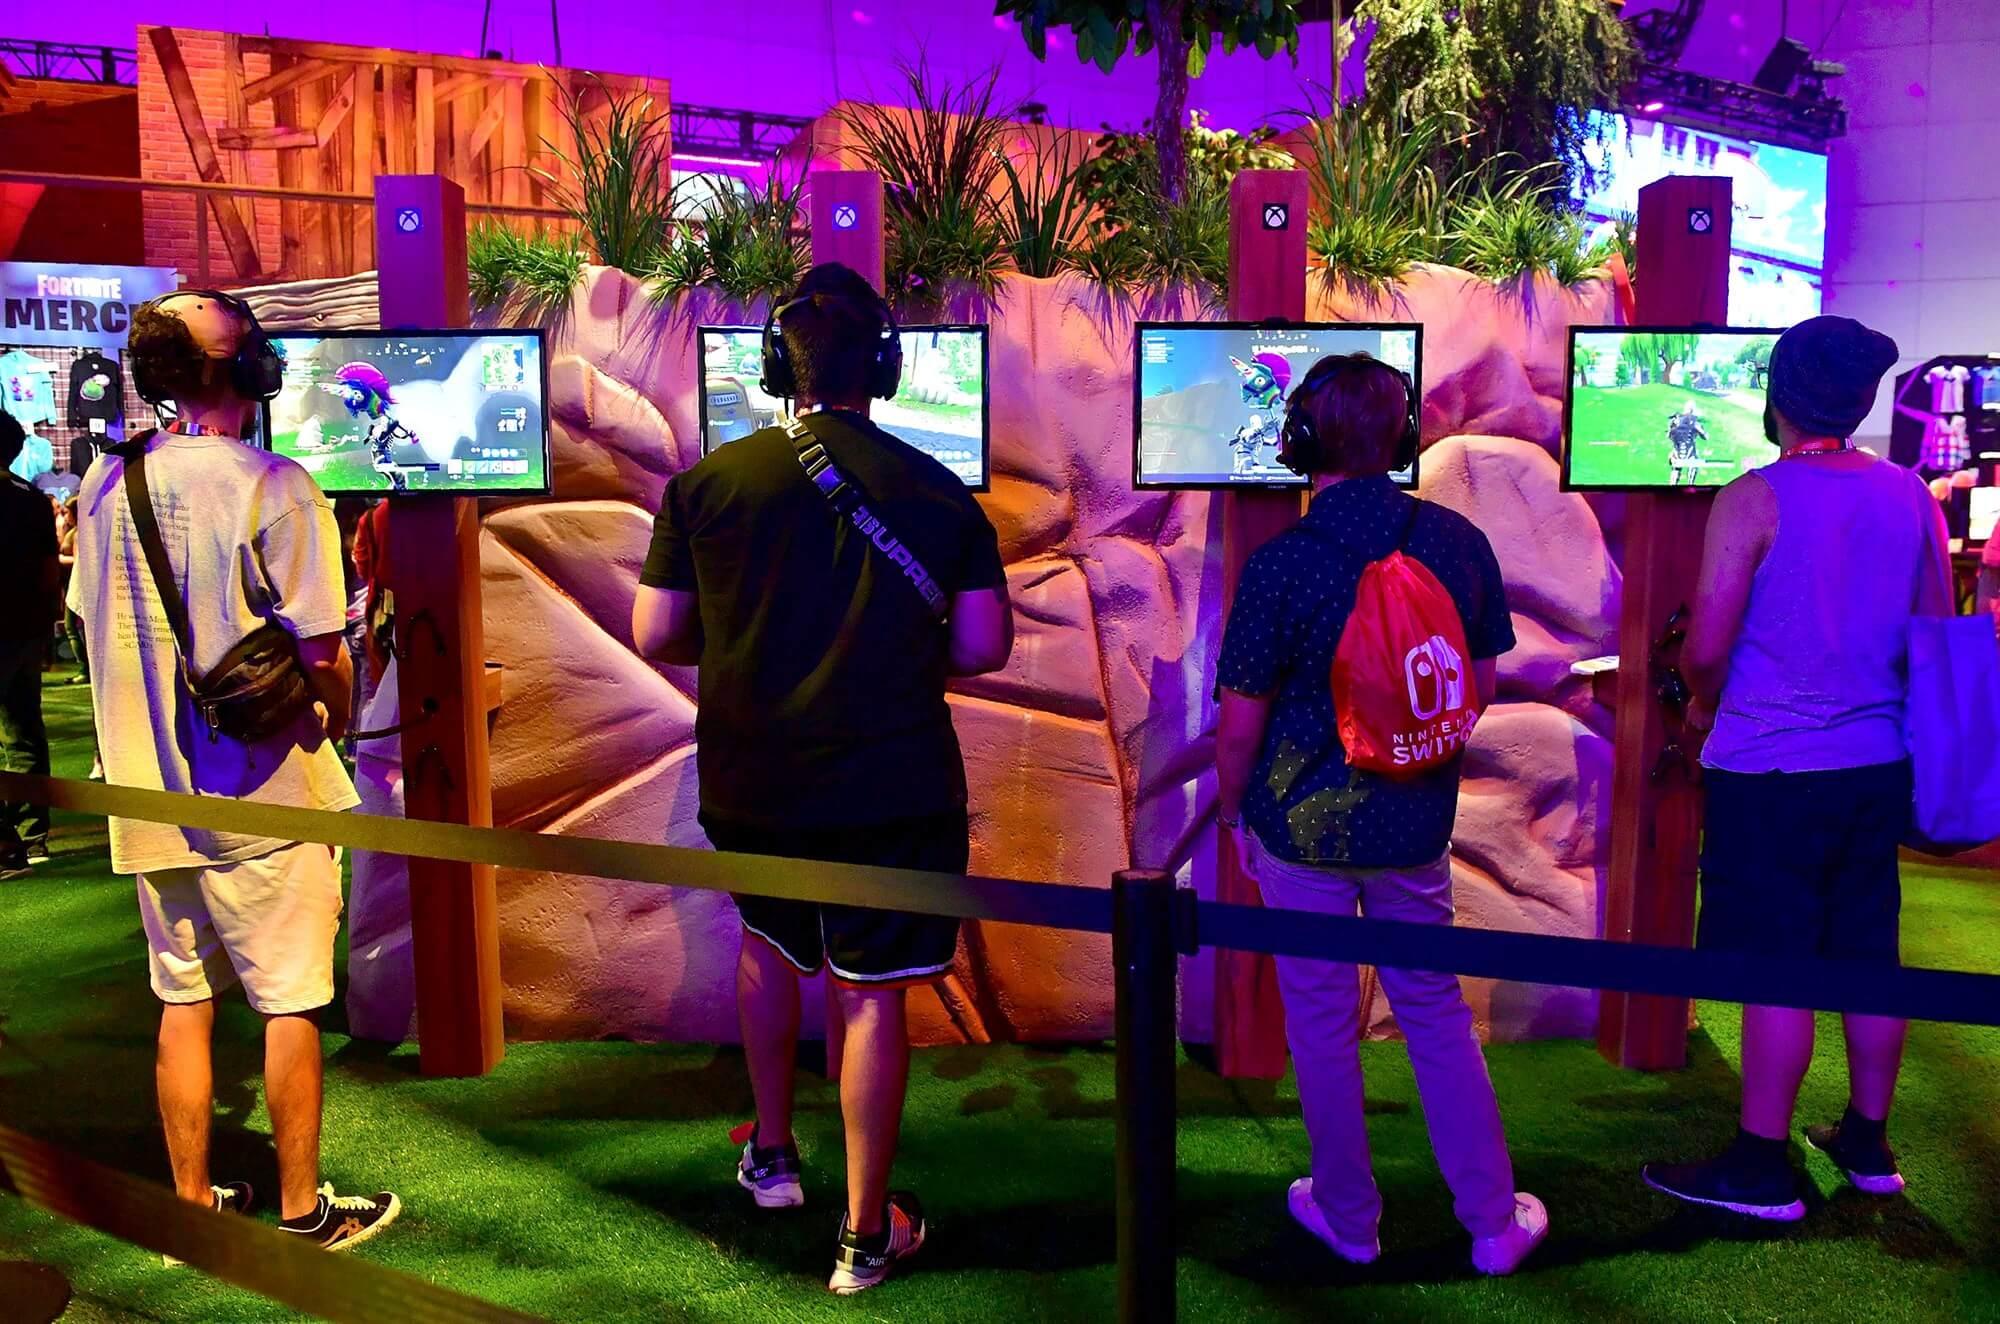 """¿Qué es lo que hace de un videojuego como """"Fortnite"""" algo tan adictivo?"""